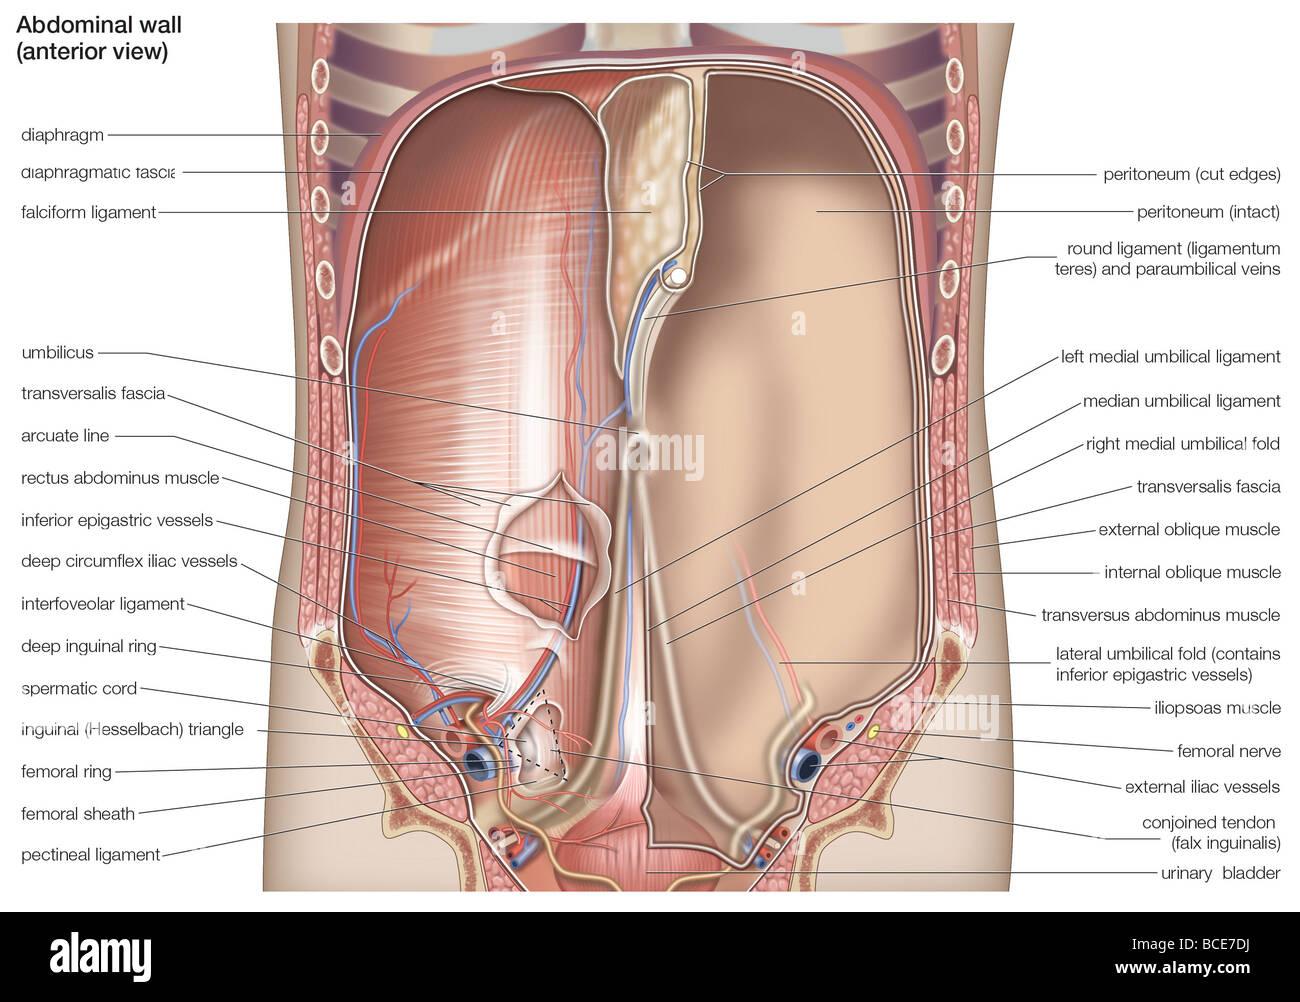 Ansicht von ventral der menschlichen Bauchhöhle Stockfoto, Bild ...